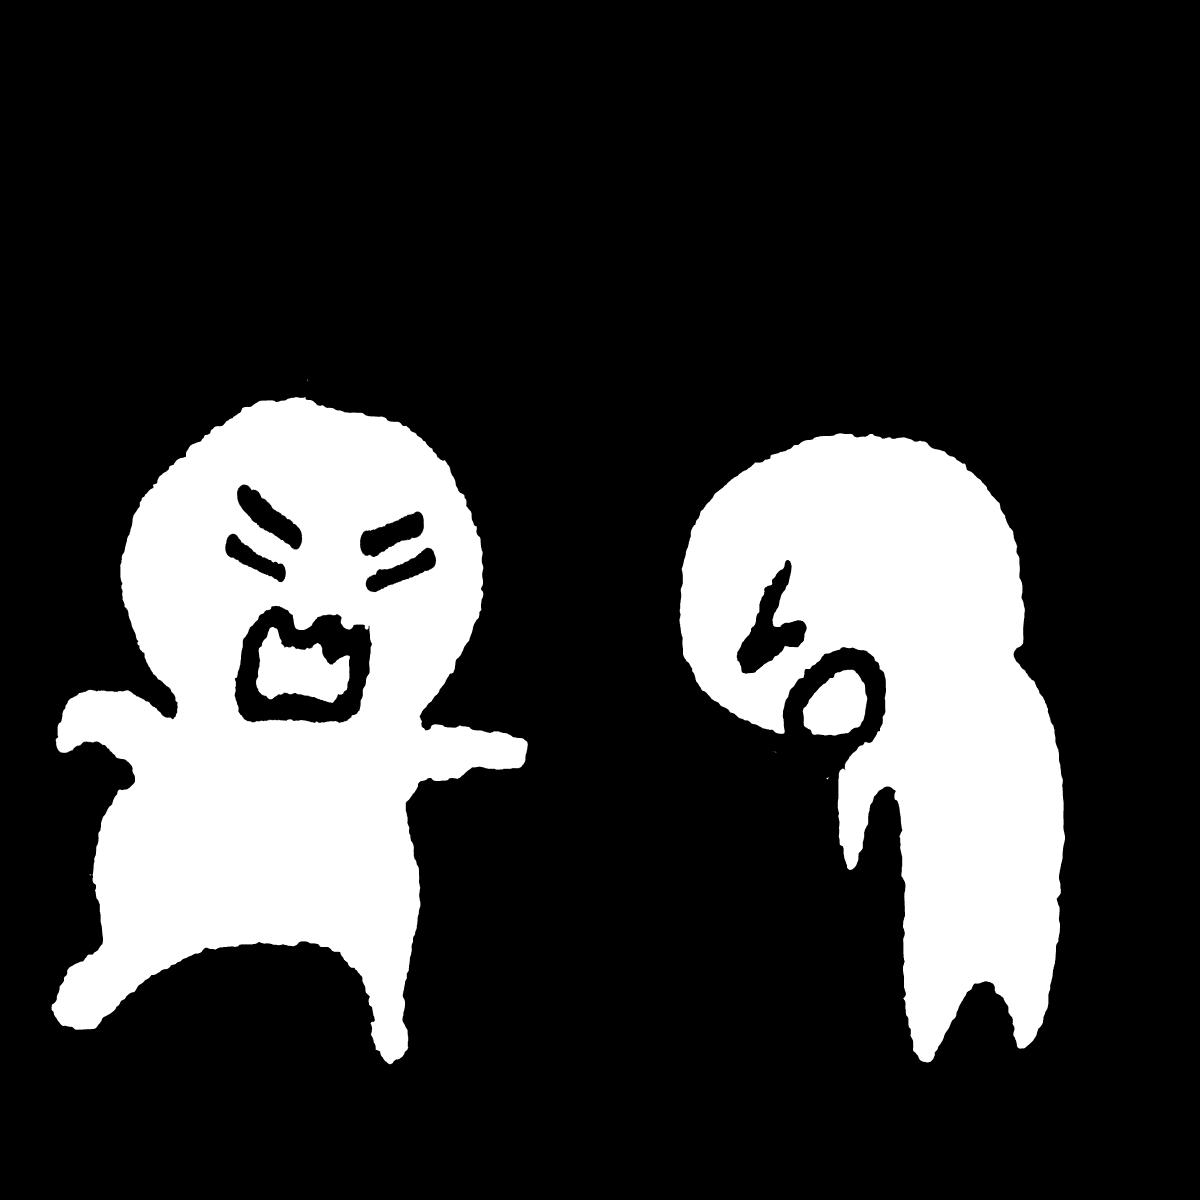 怒られるのイラスト Get yelled at  Illustration